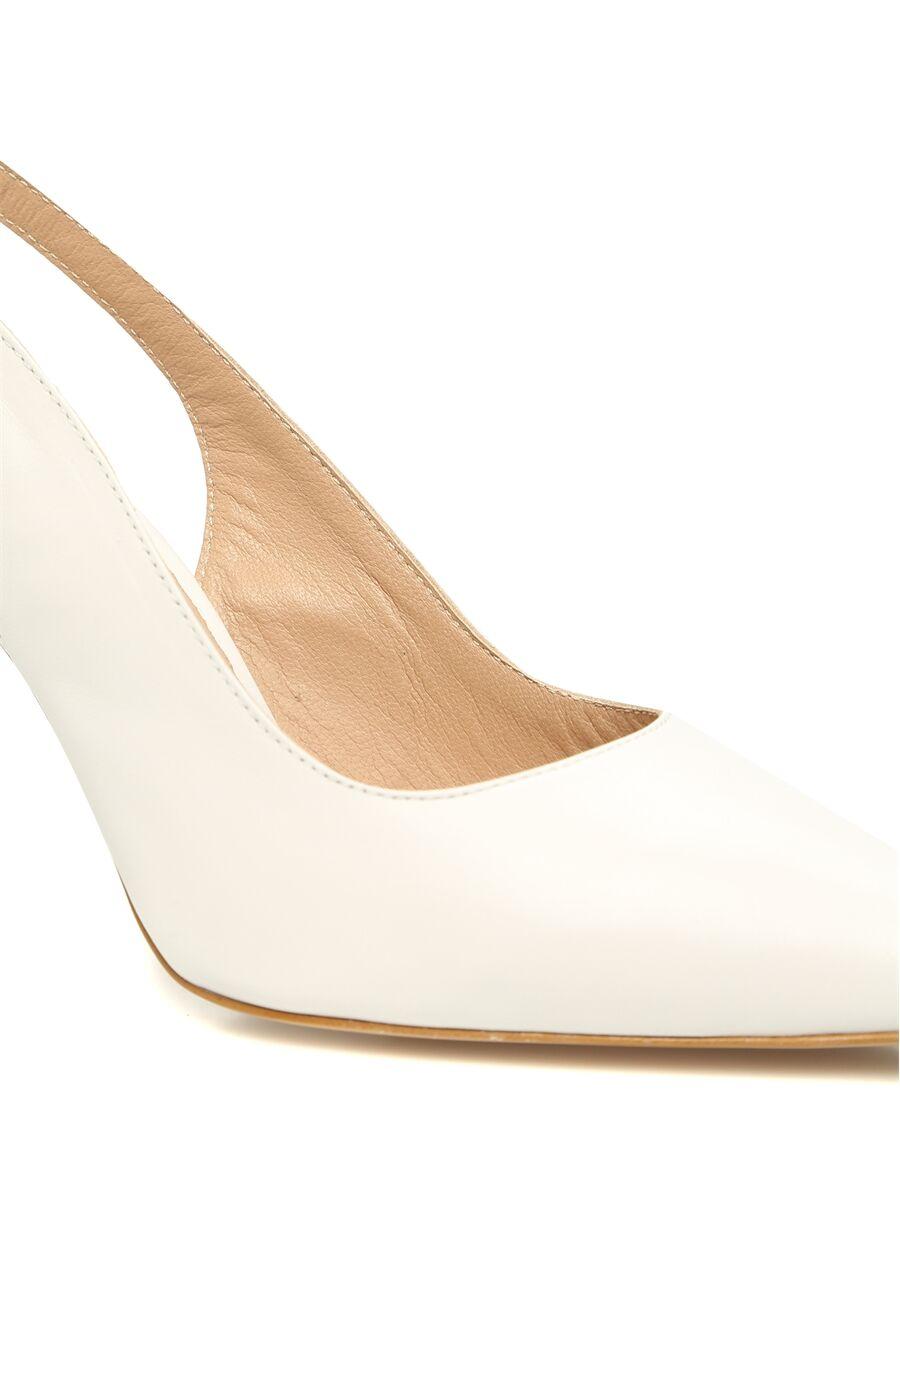 Krem Kadın Deri Topuklu Ayakkabı